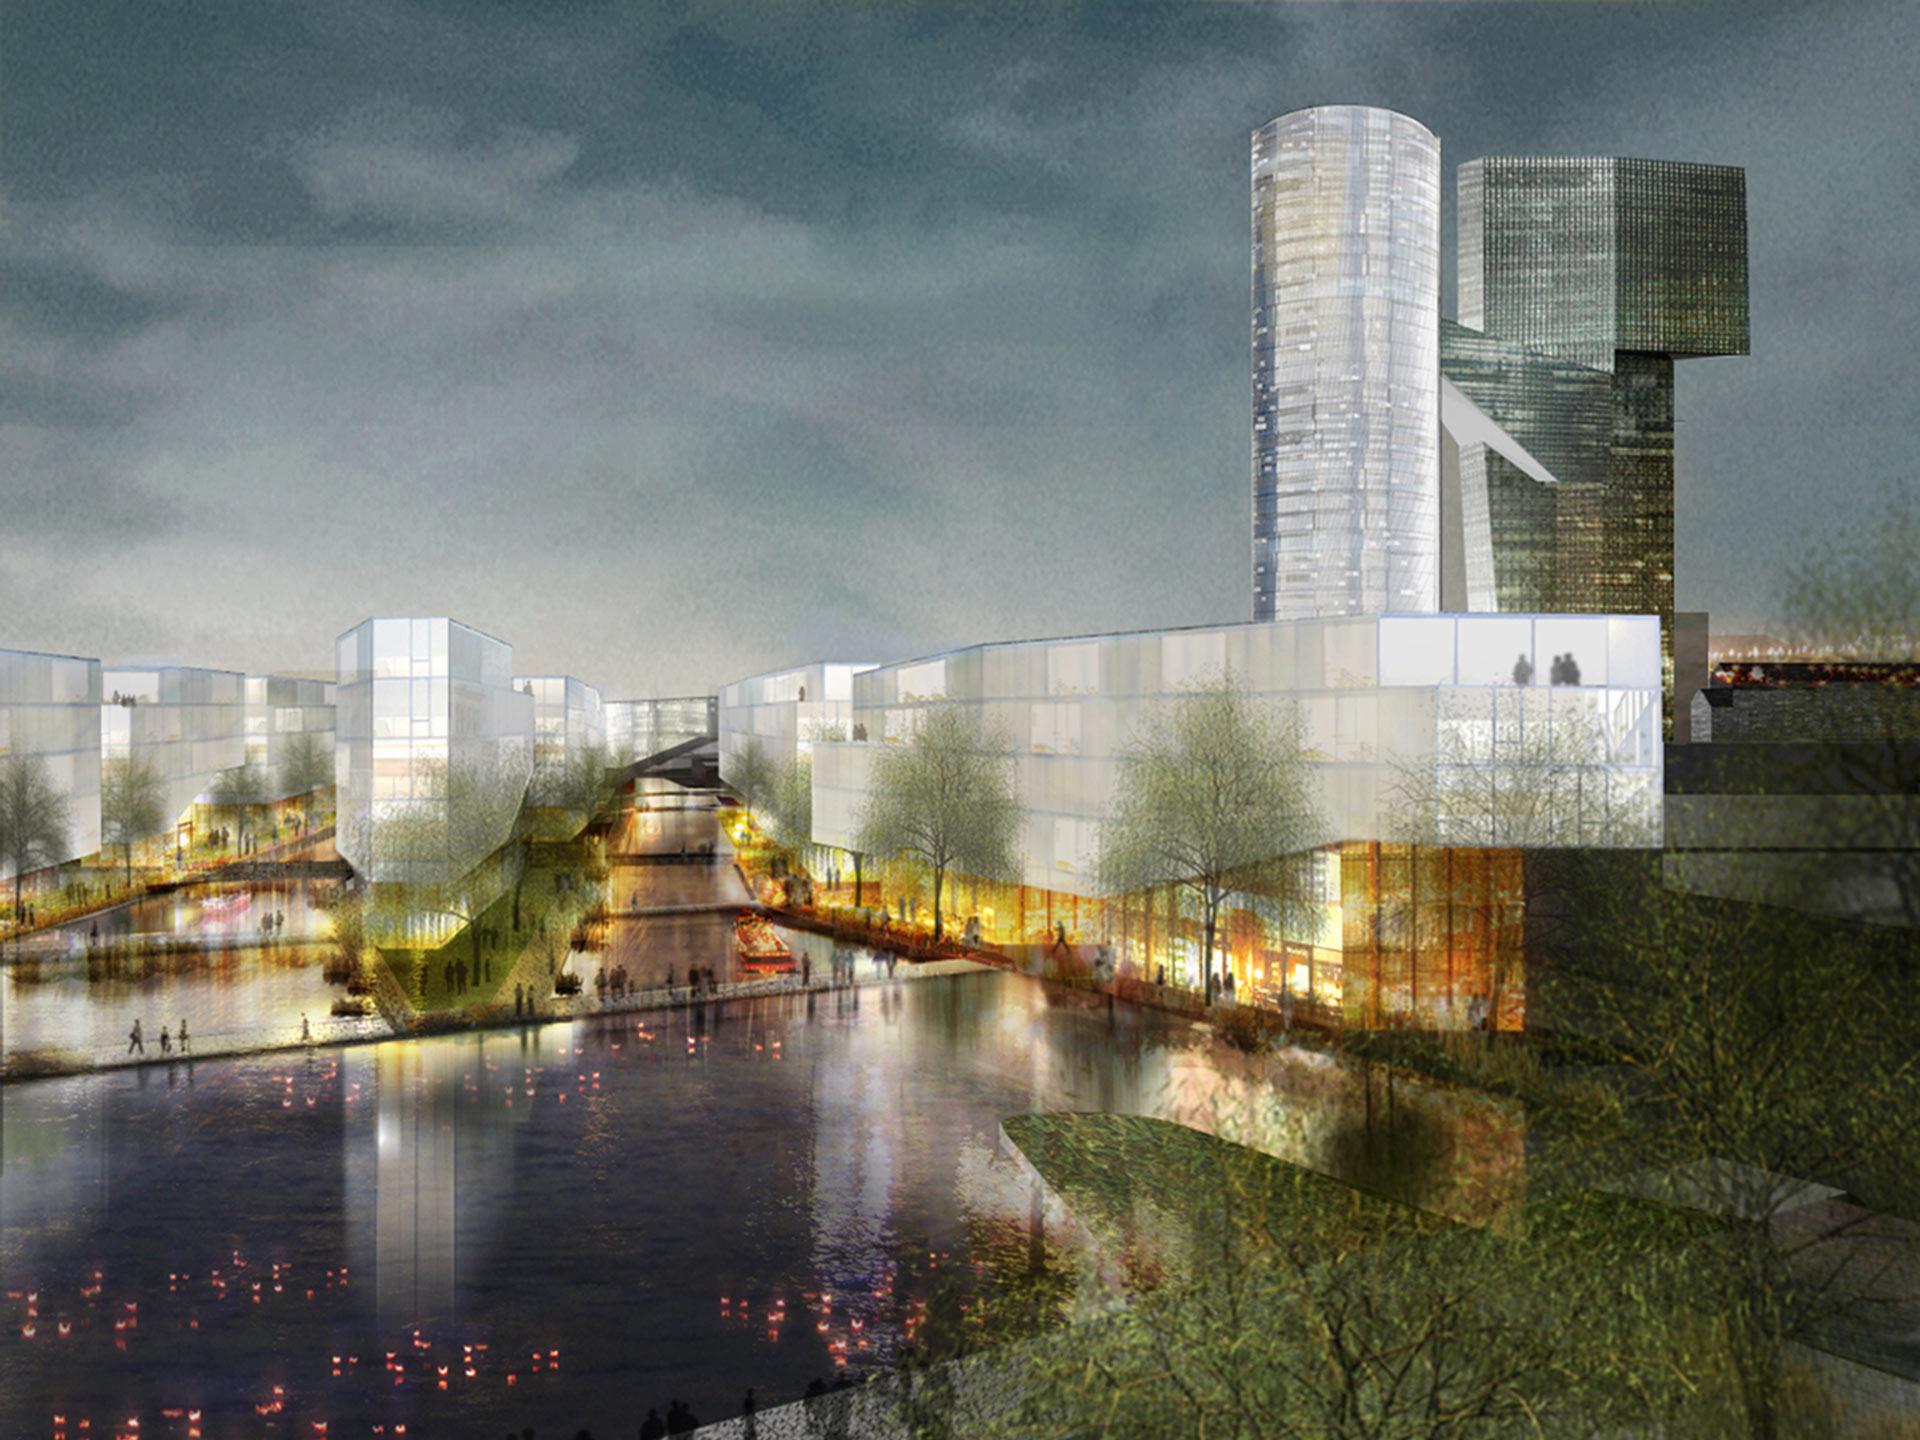 Shan Shui Masterplan